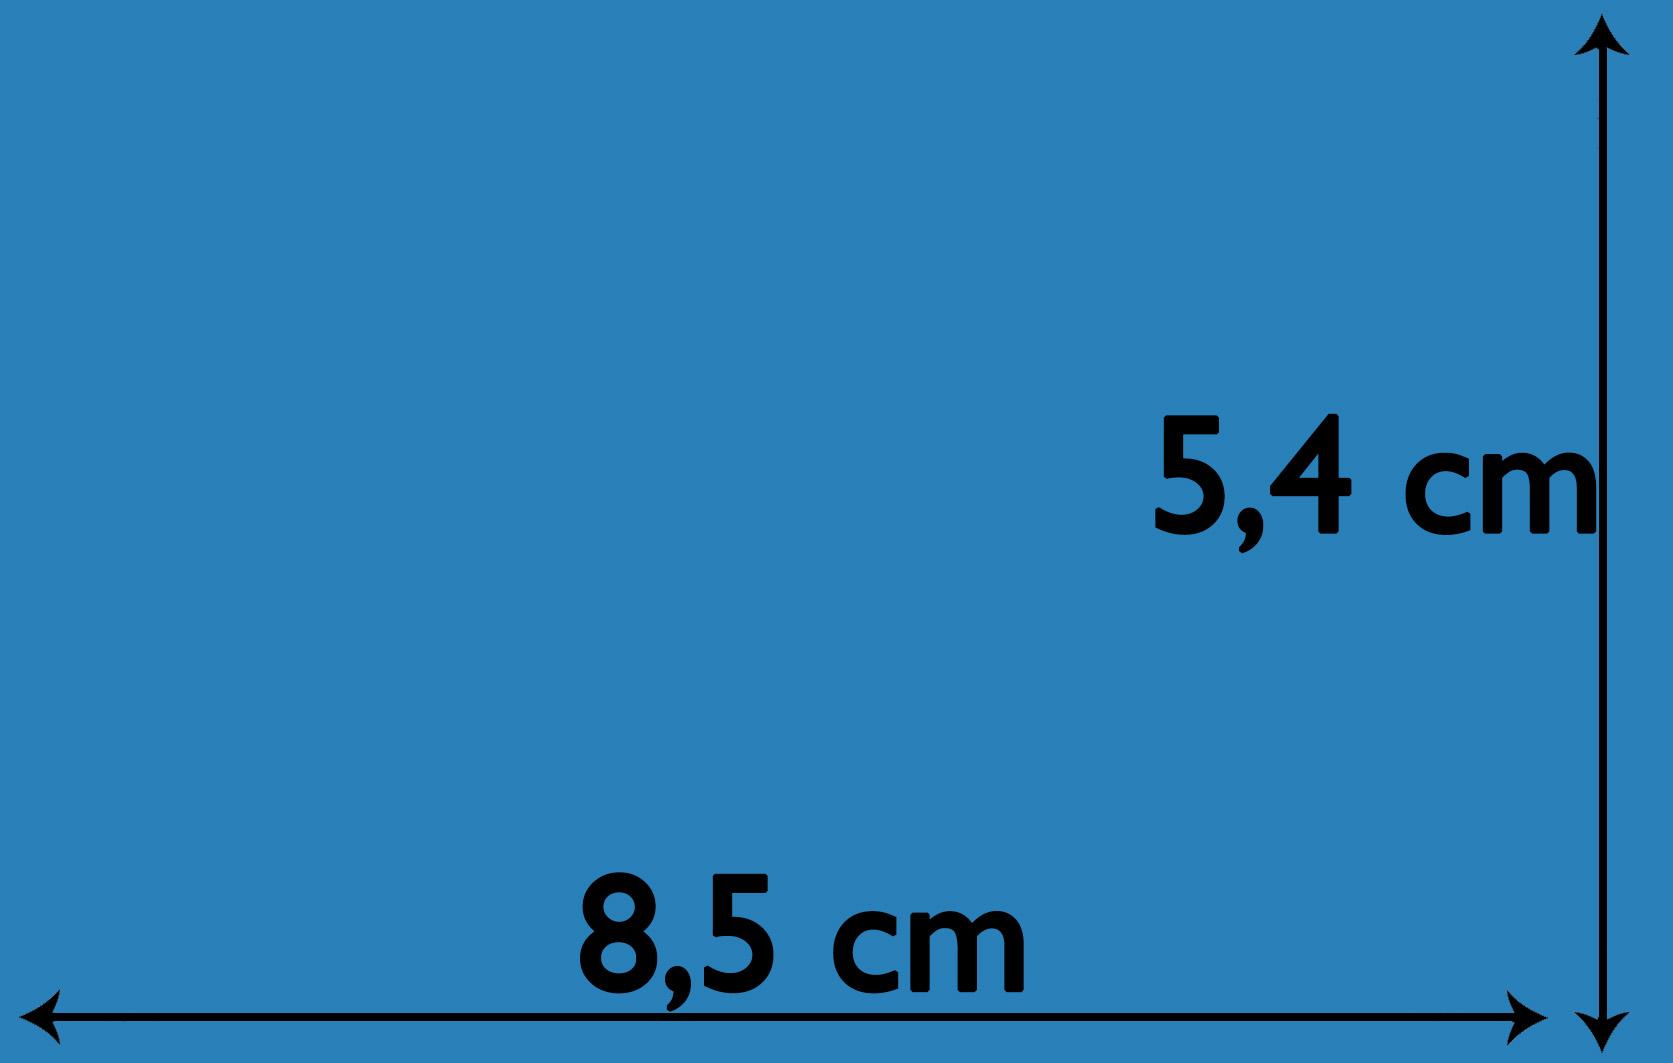 Cest Pourquoi La Dimension De Carte Visite Standard Est 85 Cm Sur 54 Pour Que Votre Prospect Puisse Le Transporter Partout Avec Lui